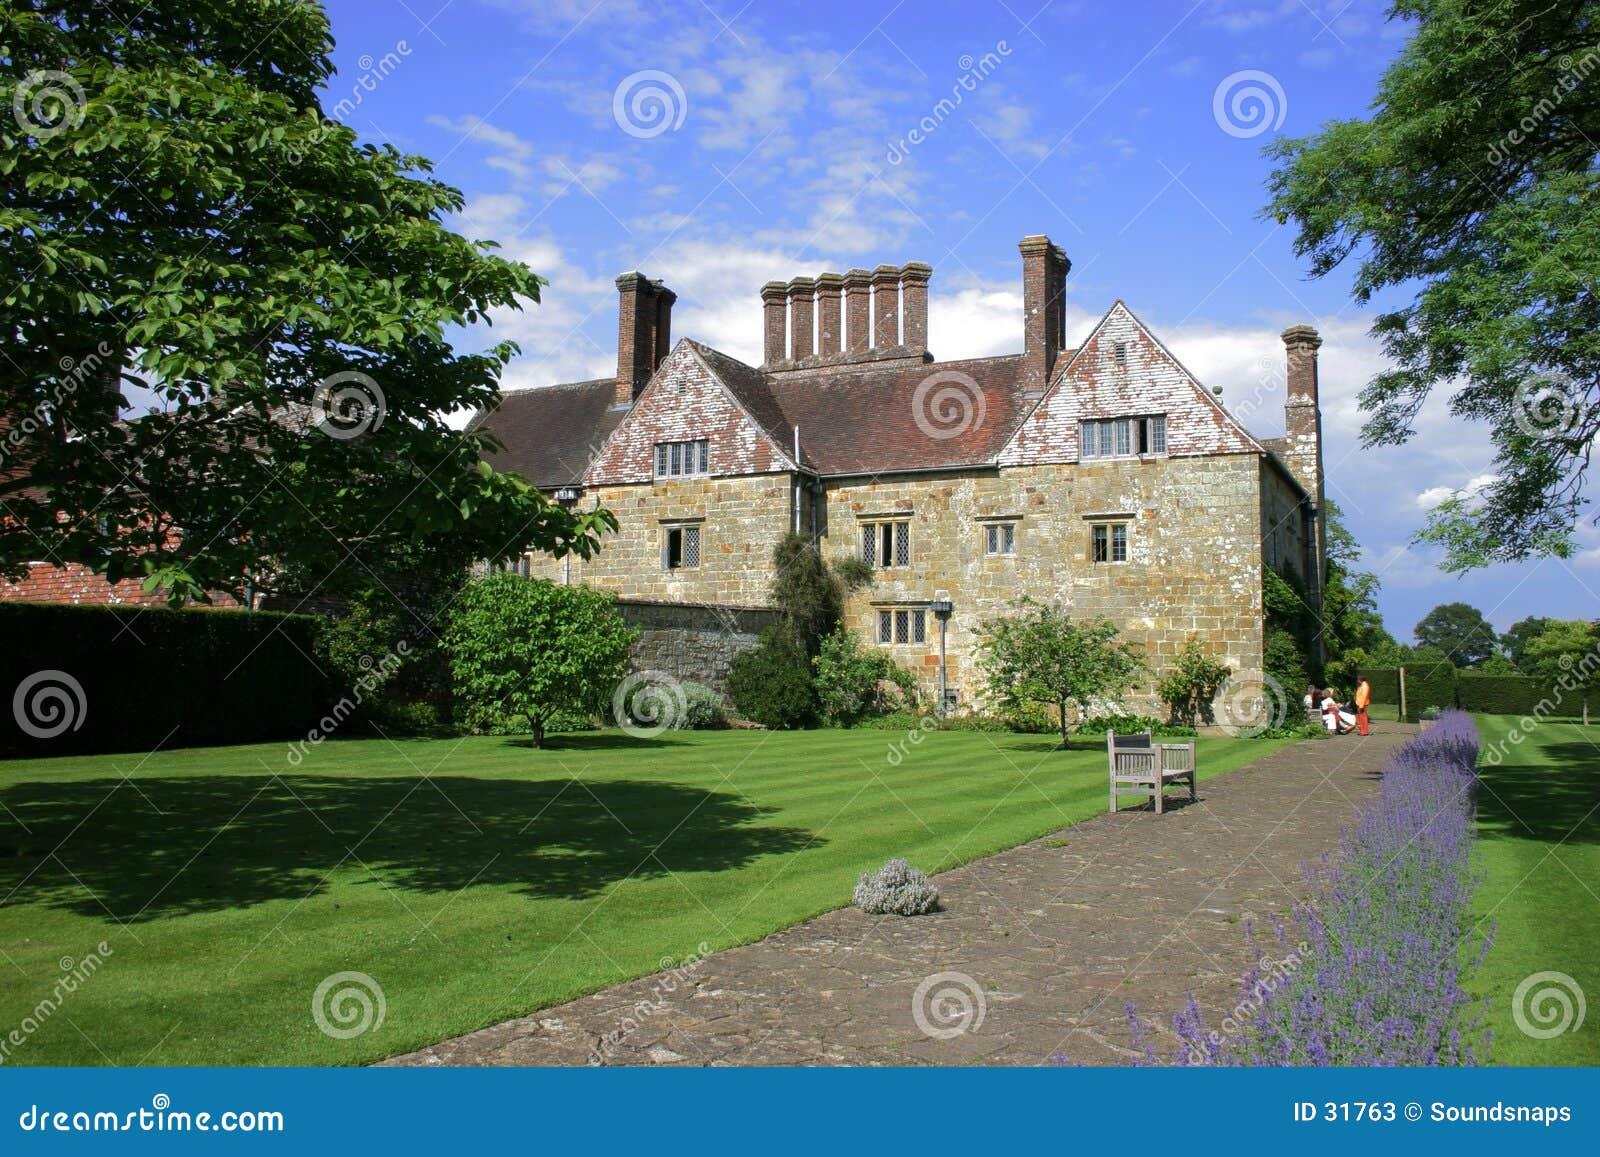 Casa di campagna inglese fotografie stock immagine 31763 for Piani di casa di campagna inglese